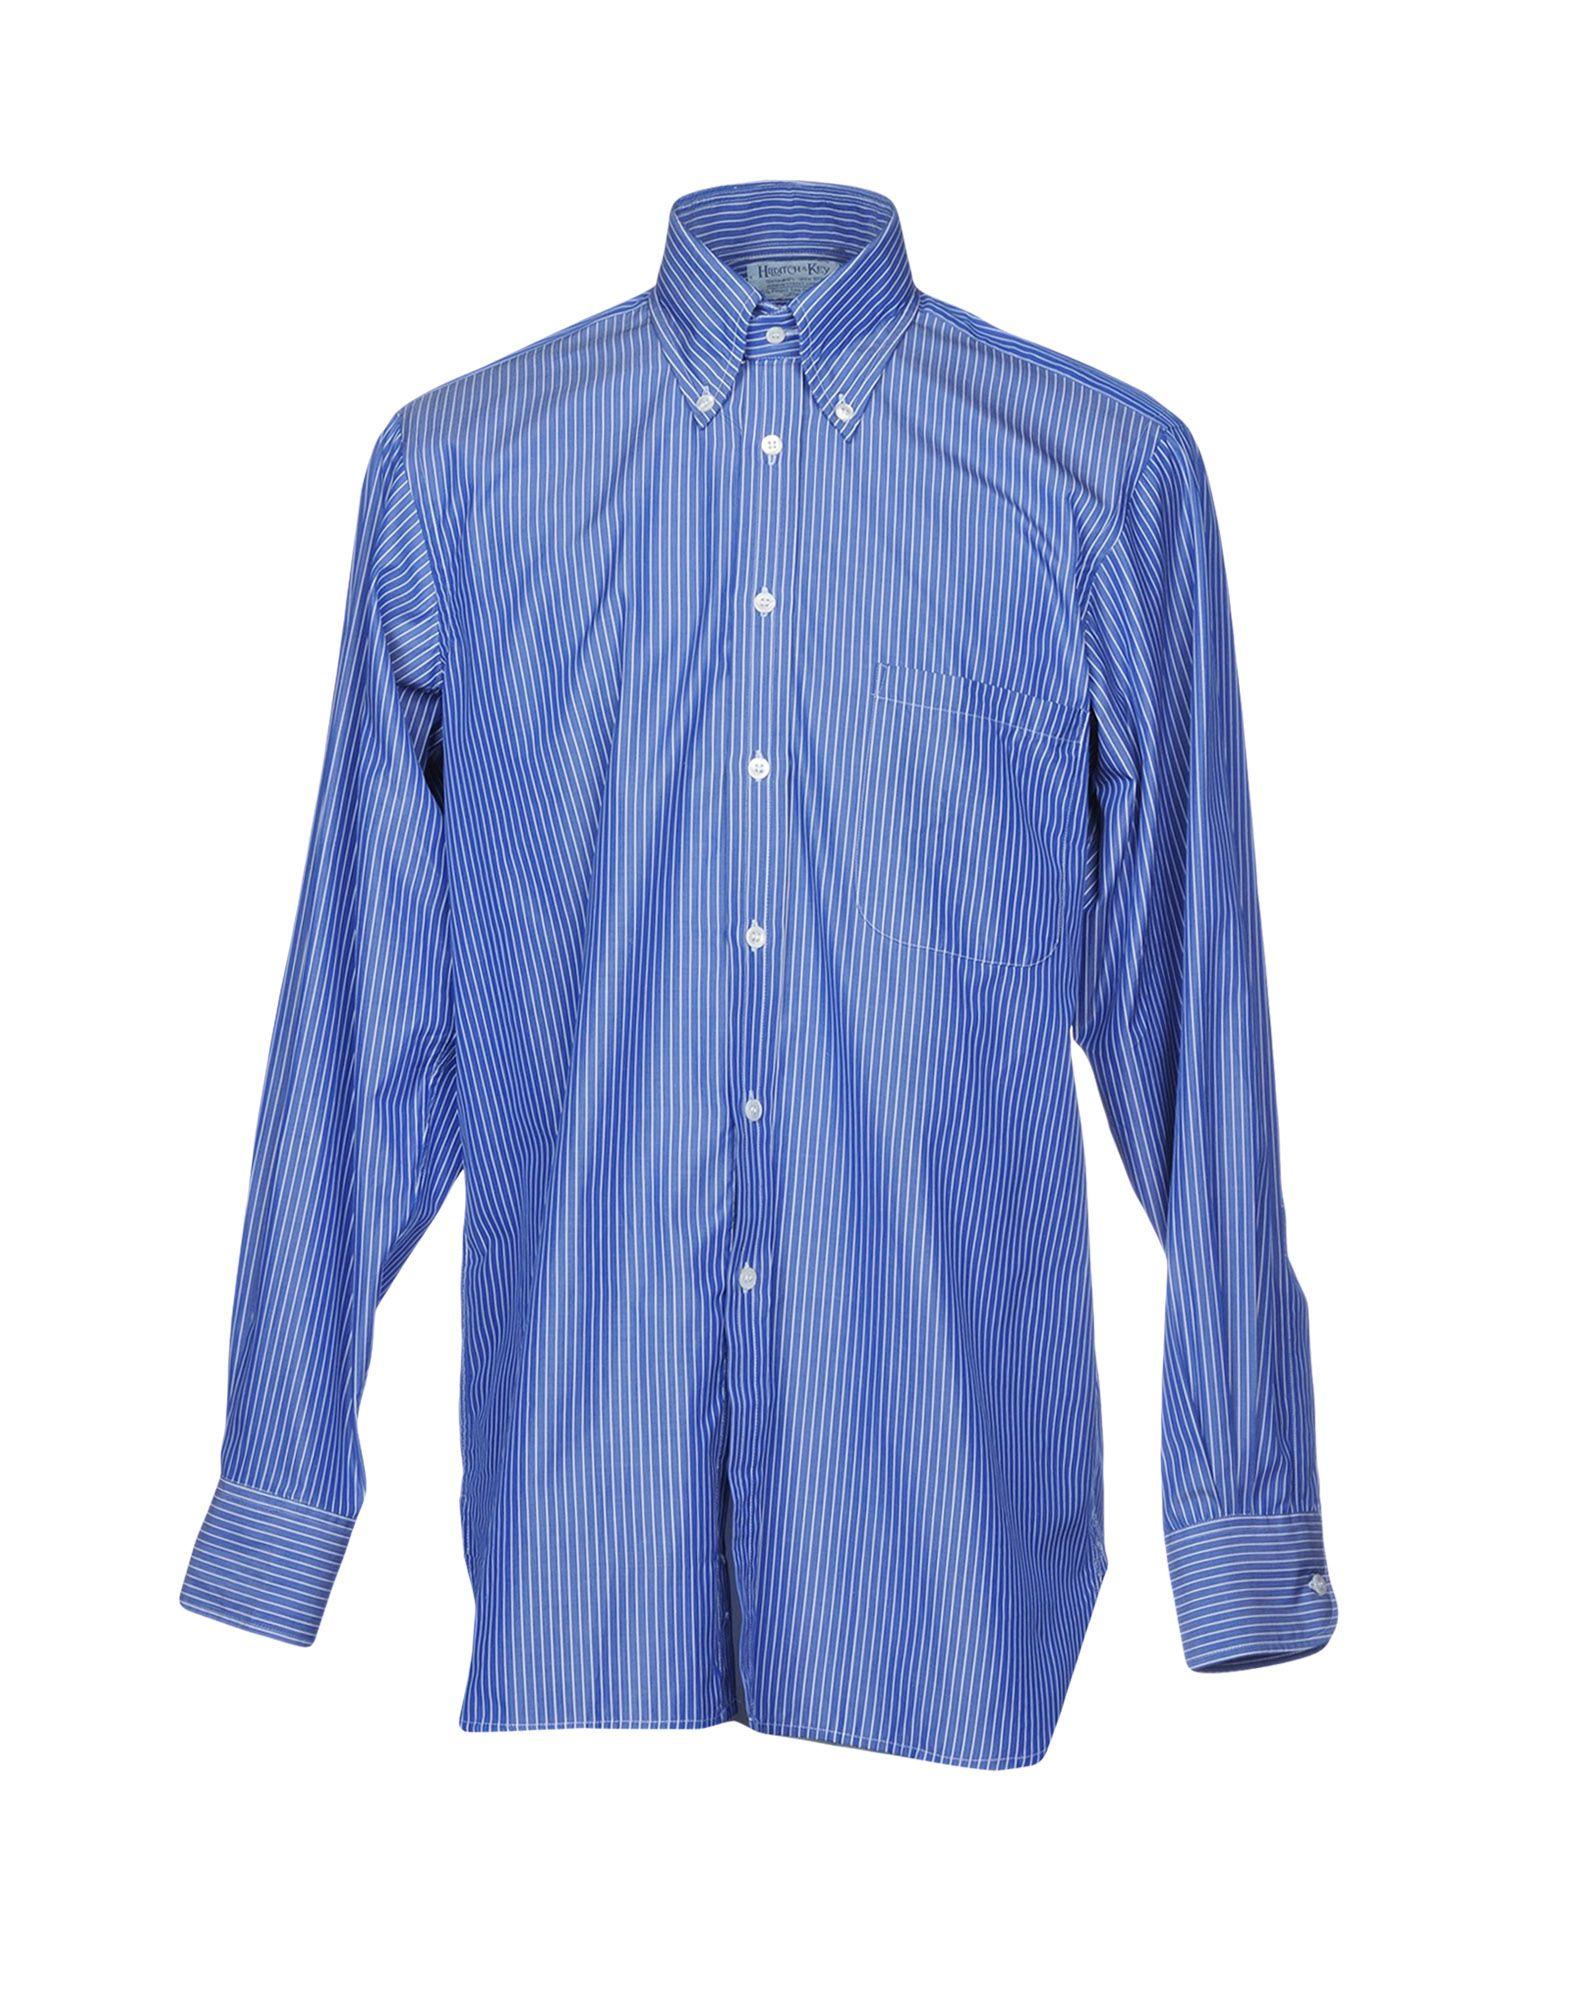 HILDITCH & KEY Striped Shirt in Blue